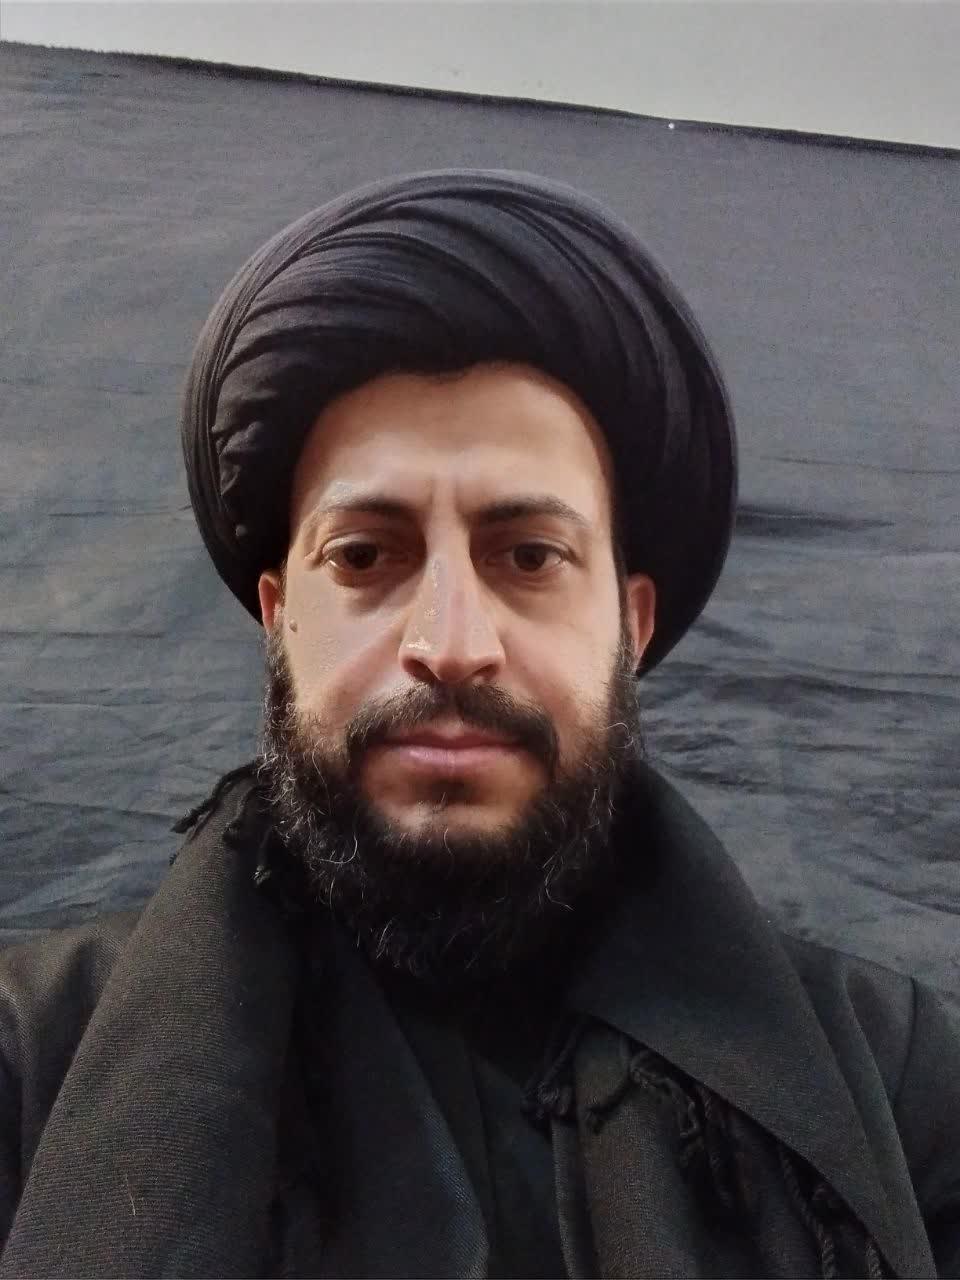 زندگینامه حجت الاسلام والمسلمین سیدمهدی شاهچراغی